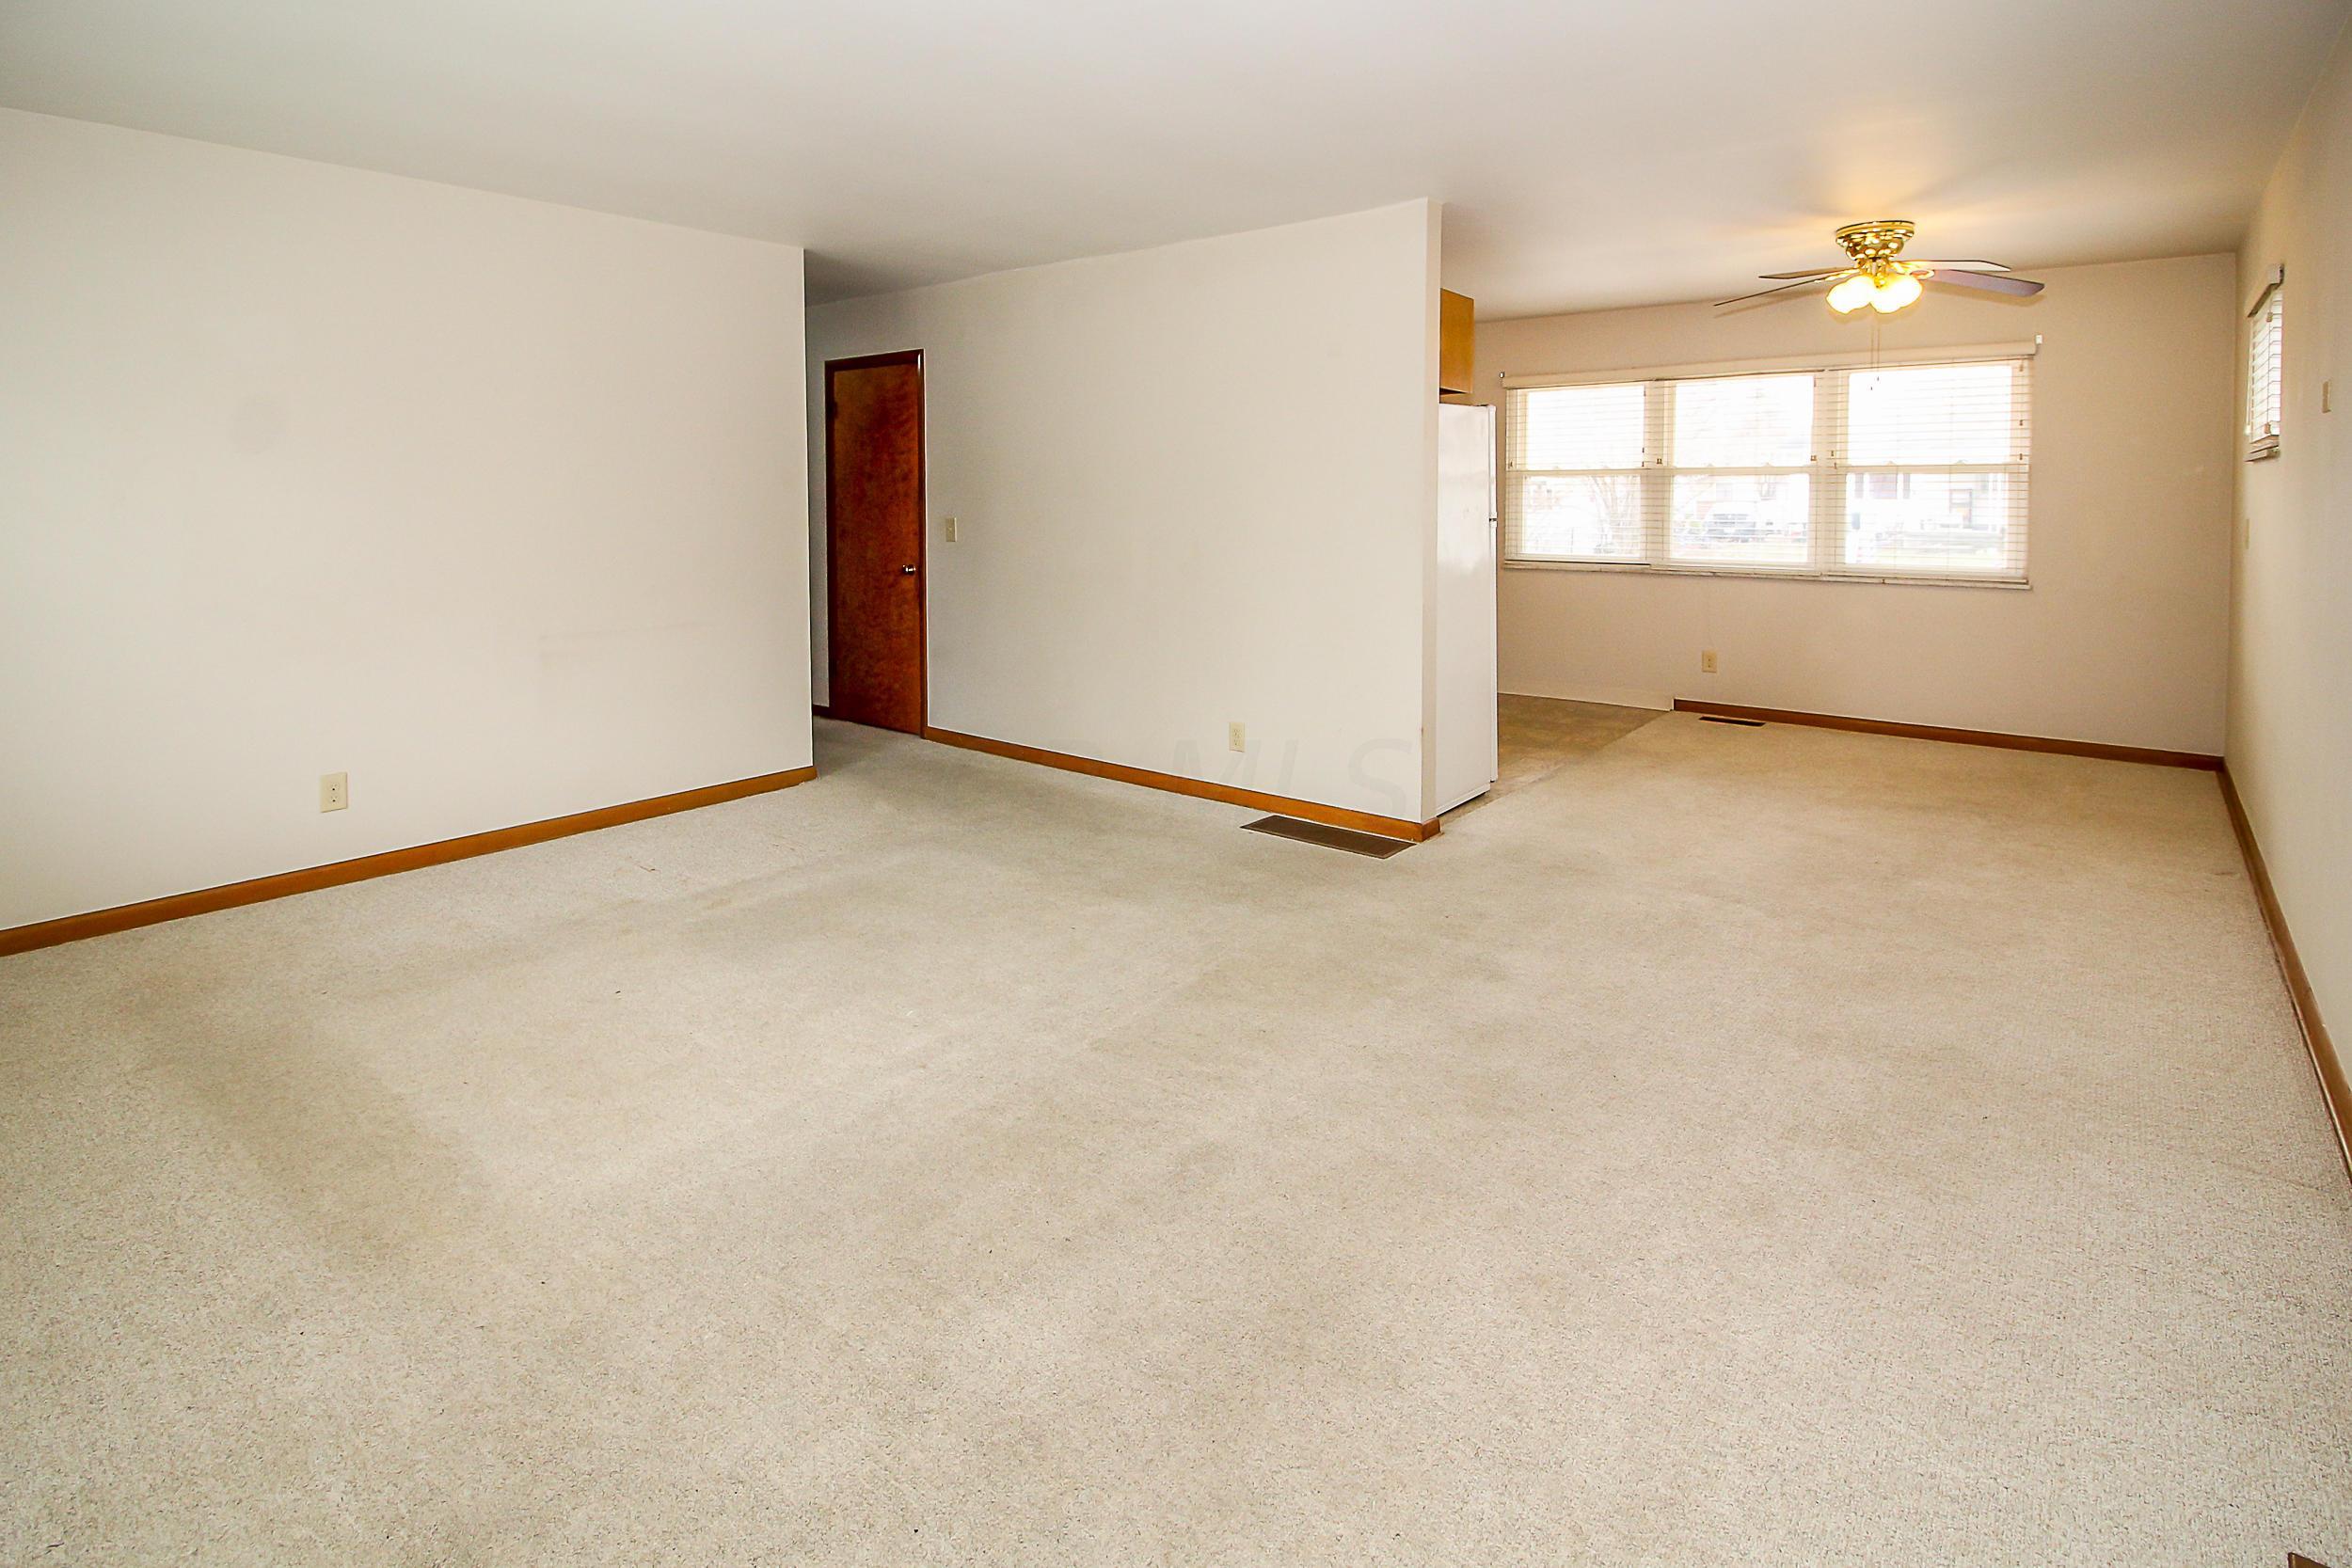 3499 Kroehler Drive, Hilliard, Ohio 43026, 3 Bedrooms Bedrooms, ,1 BathroomBathrooms,Residential,For Sale,Kroehler,221000542